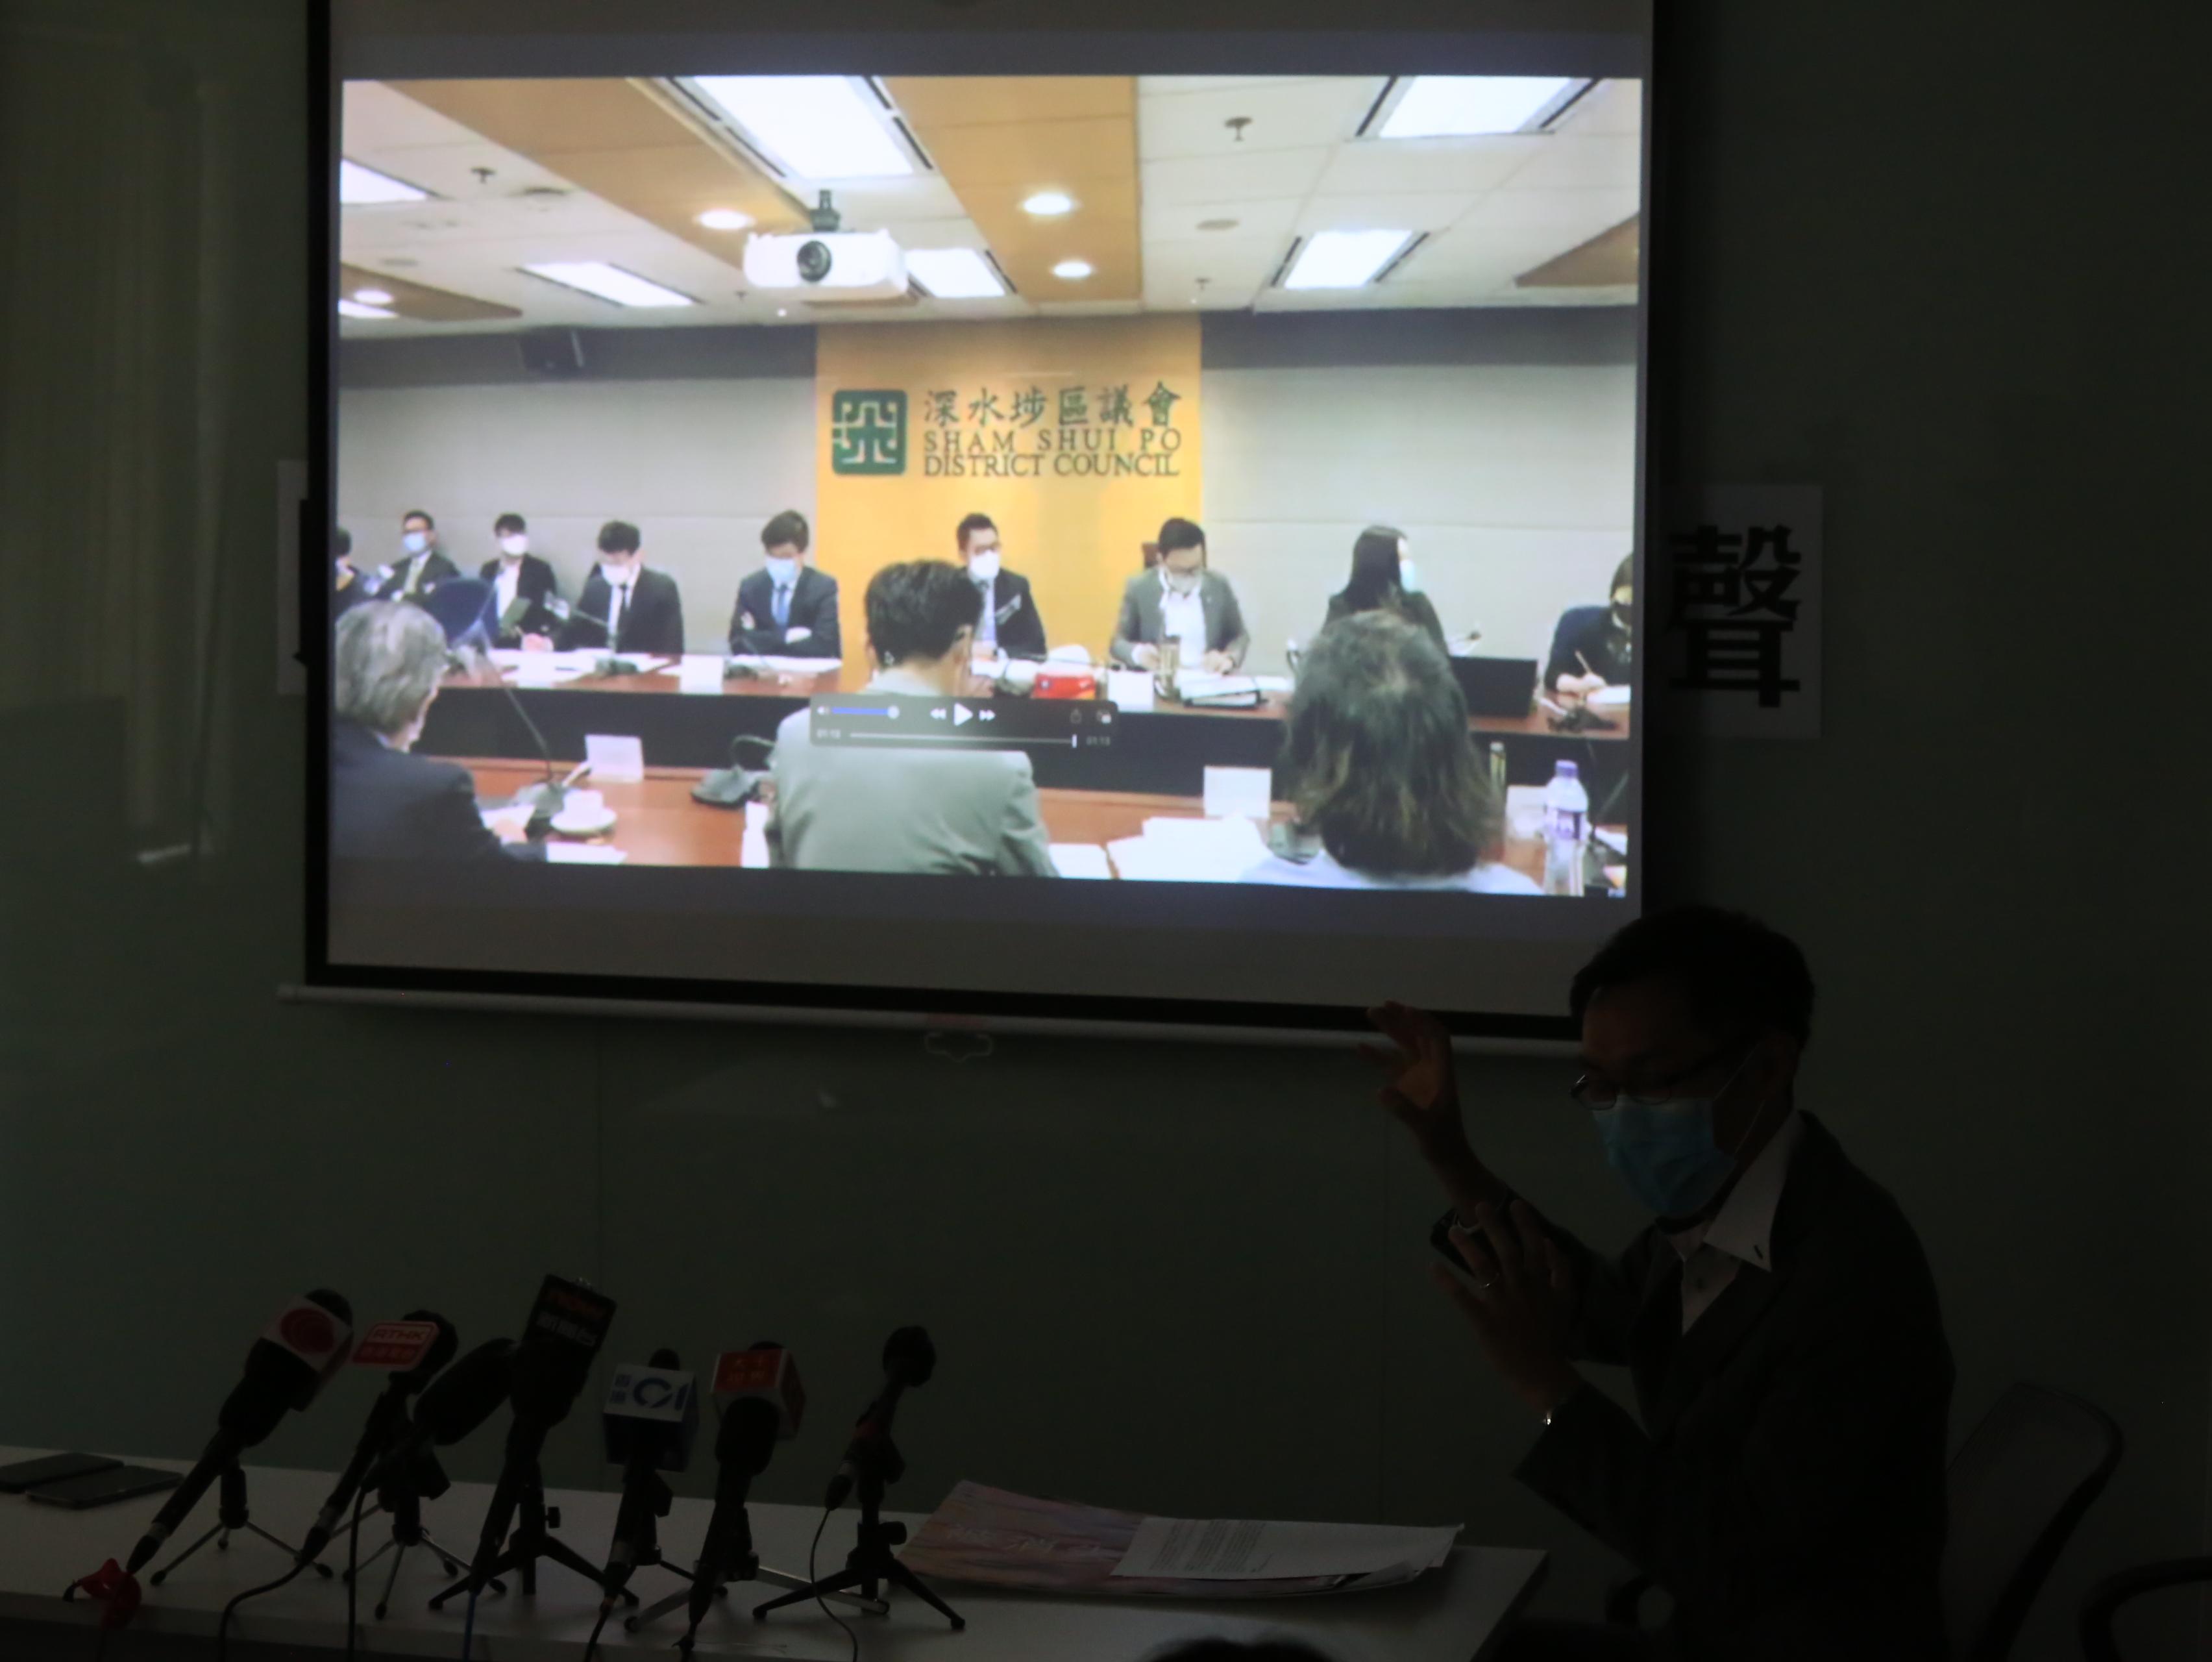 袁海文公開一段遭刪改會議片段。(張展豪 攝)